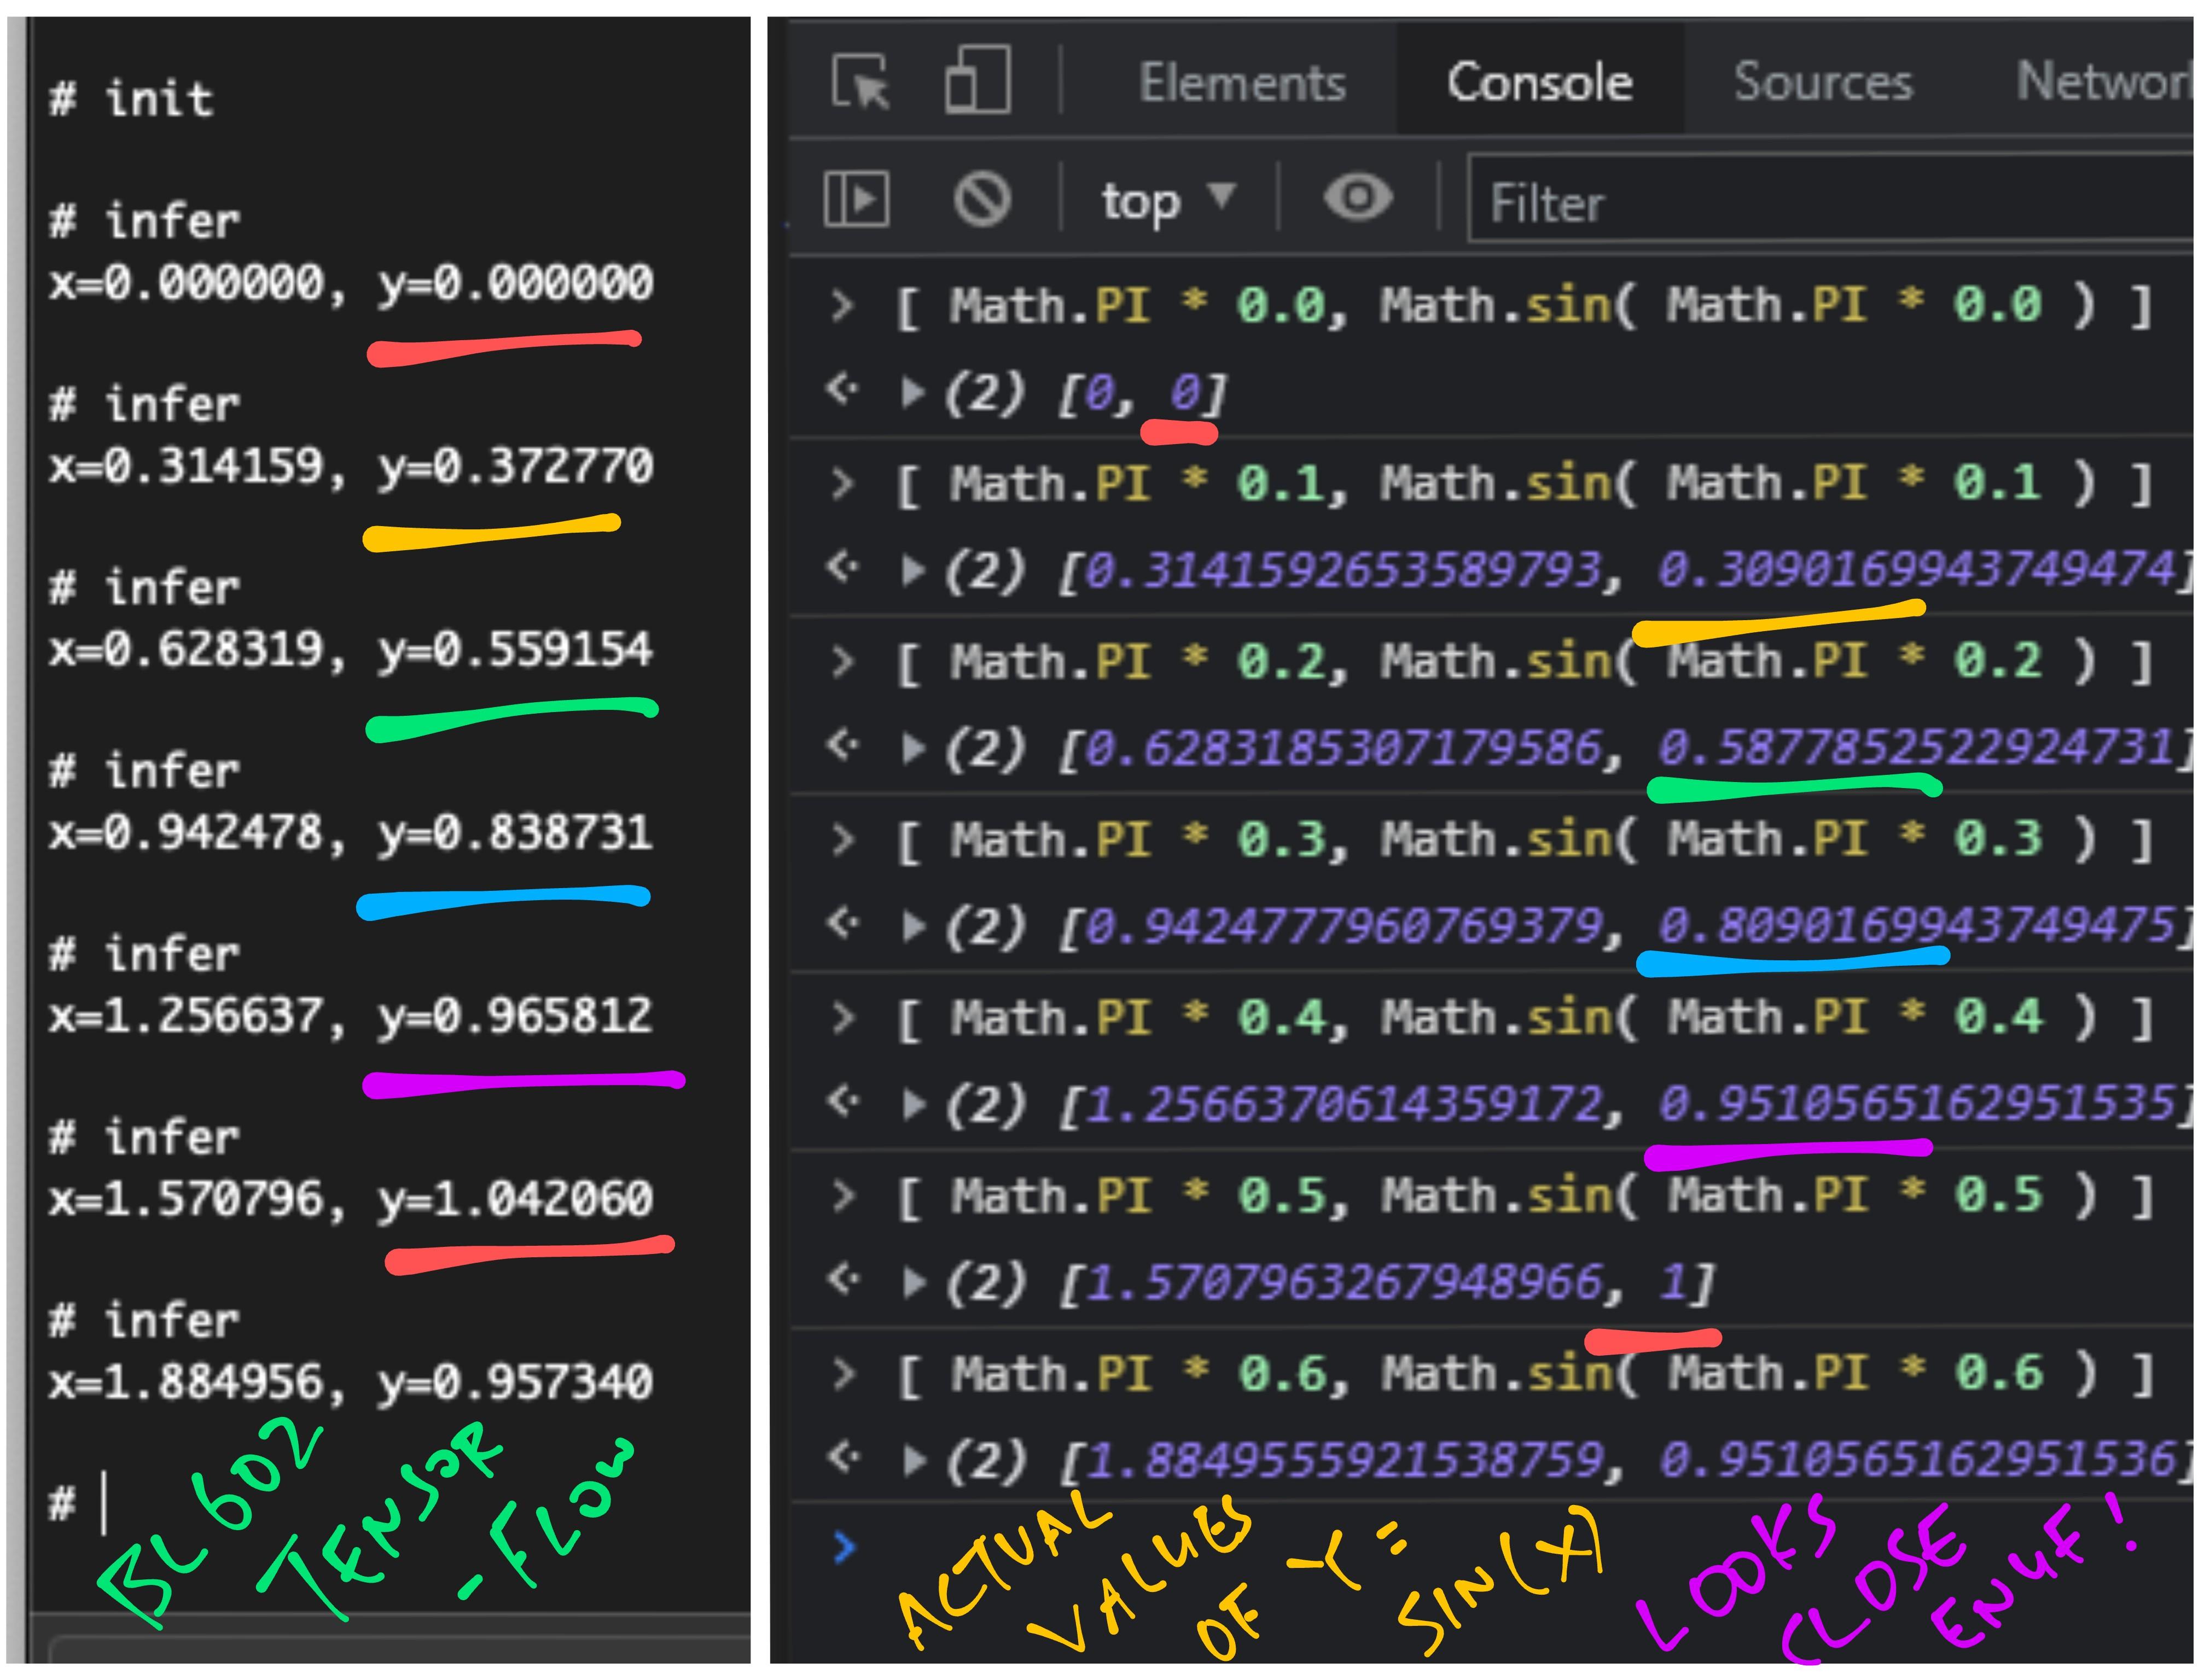 Compare inferred vs actual values